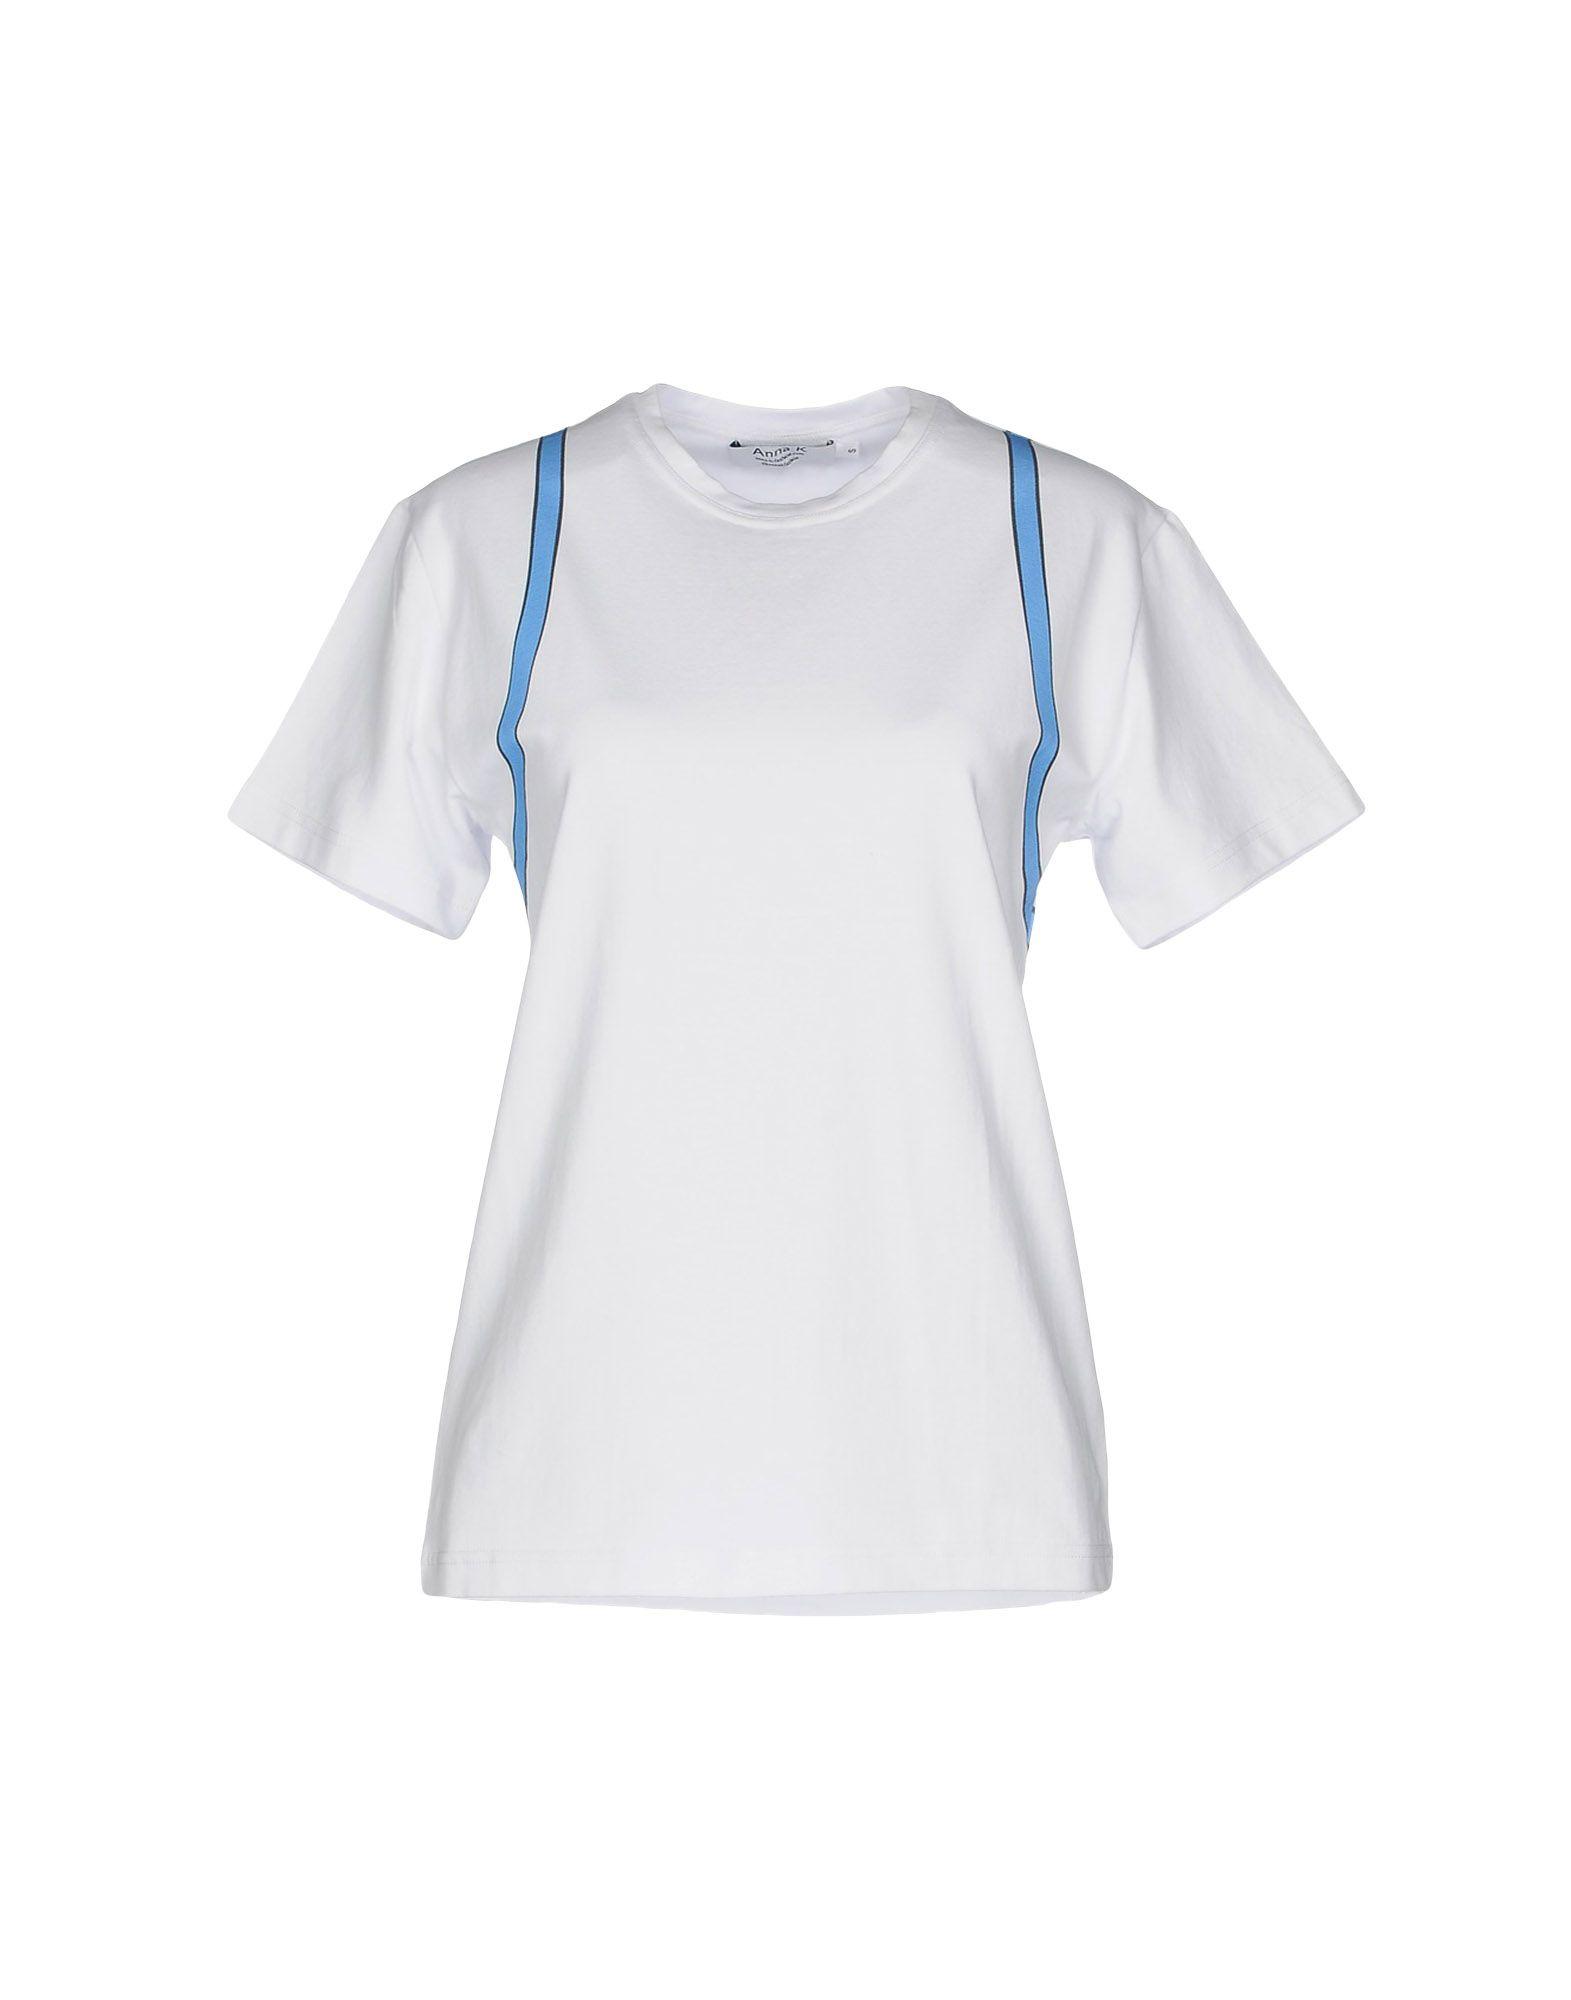 ANNAK T-Shirts in White